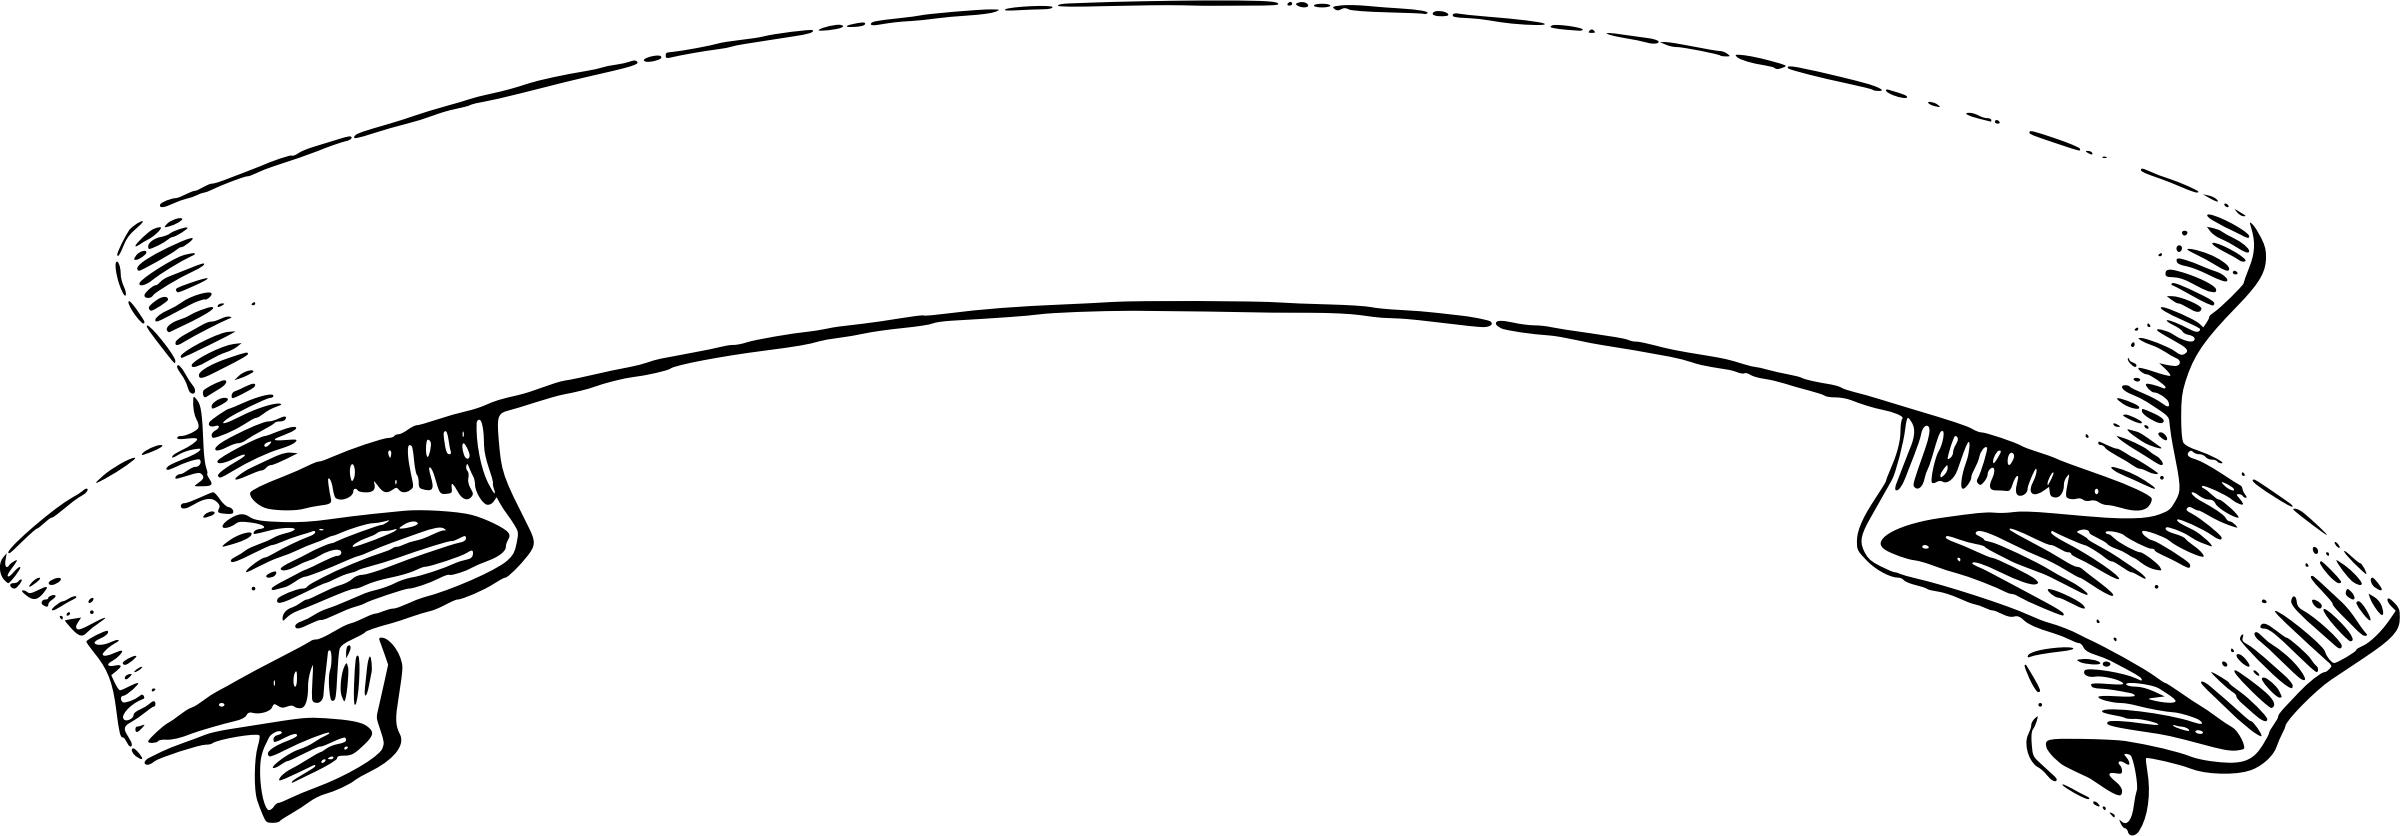 Banner scrapheap challenge com. A clipart transparent background